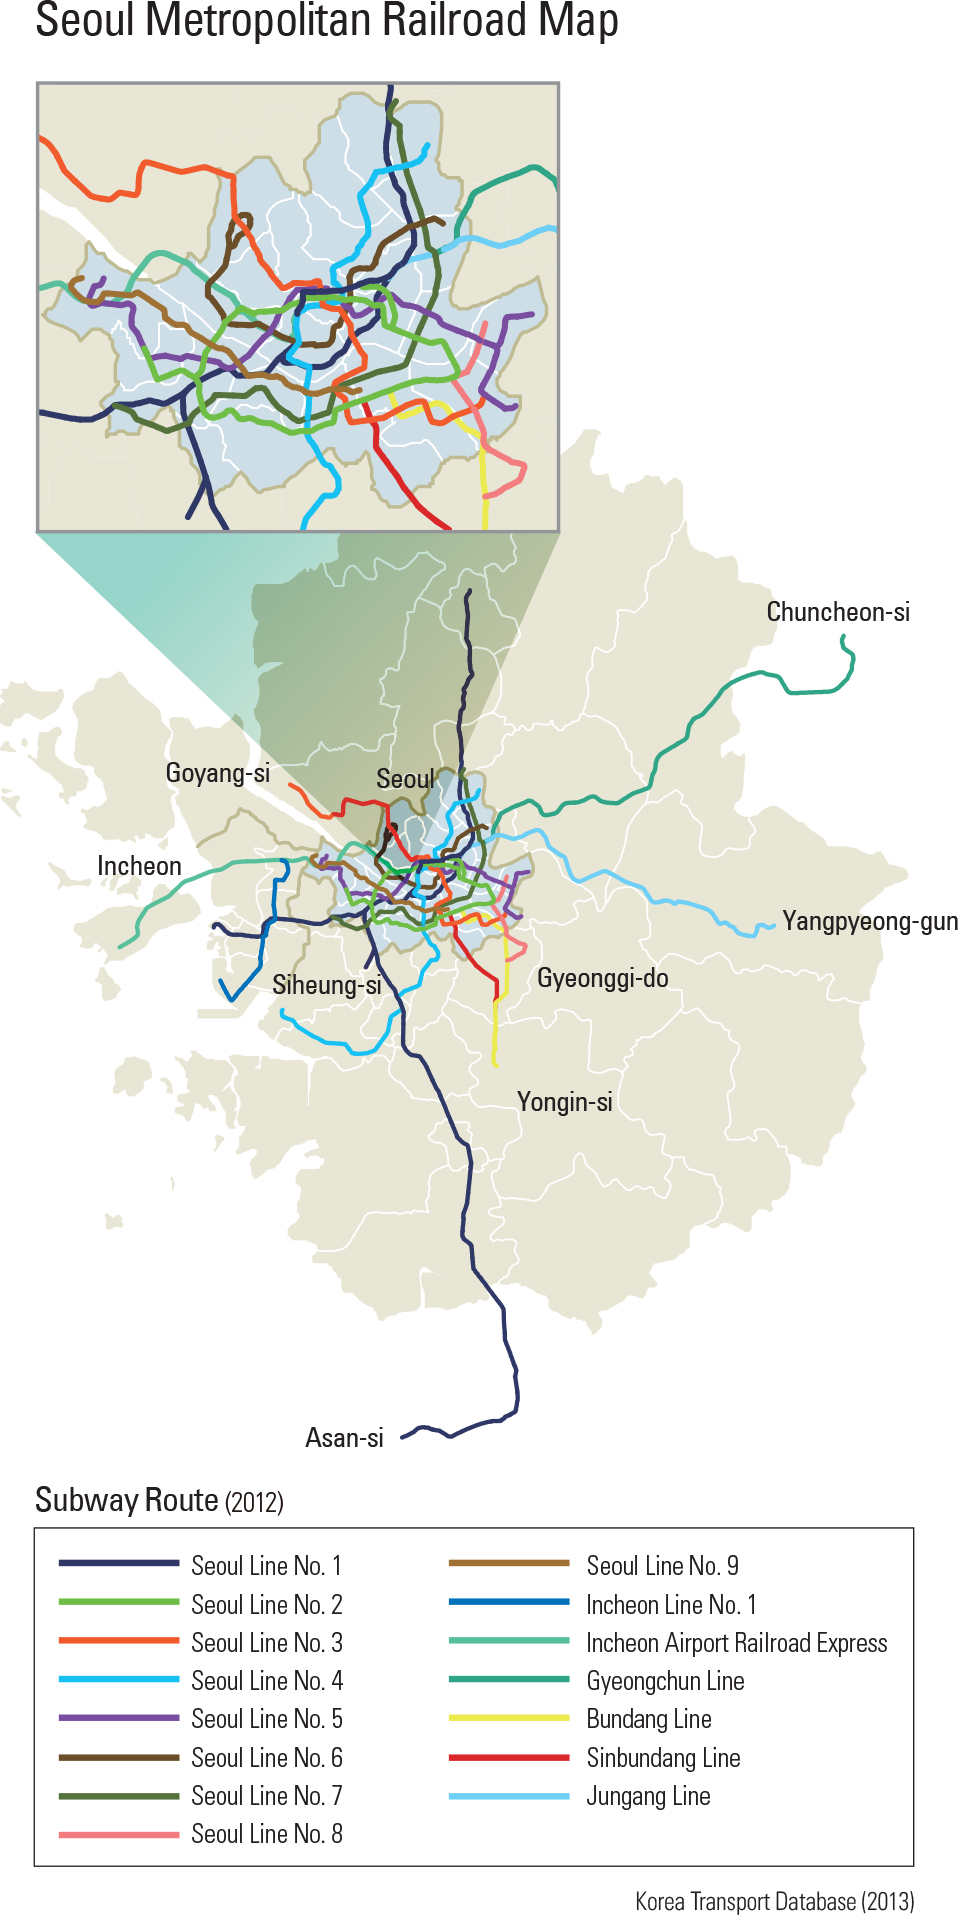 Seoul Metropolitan Railroad Map